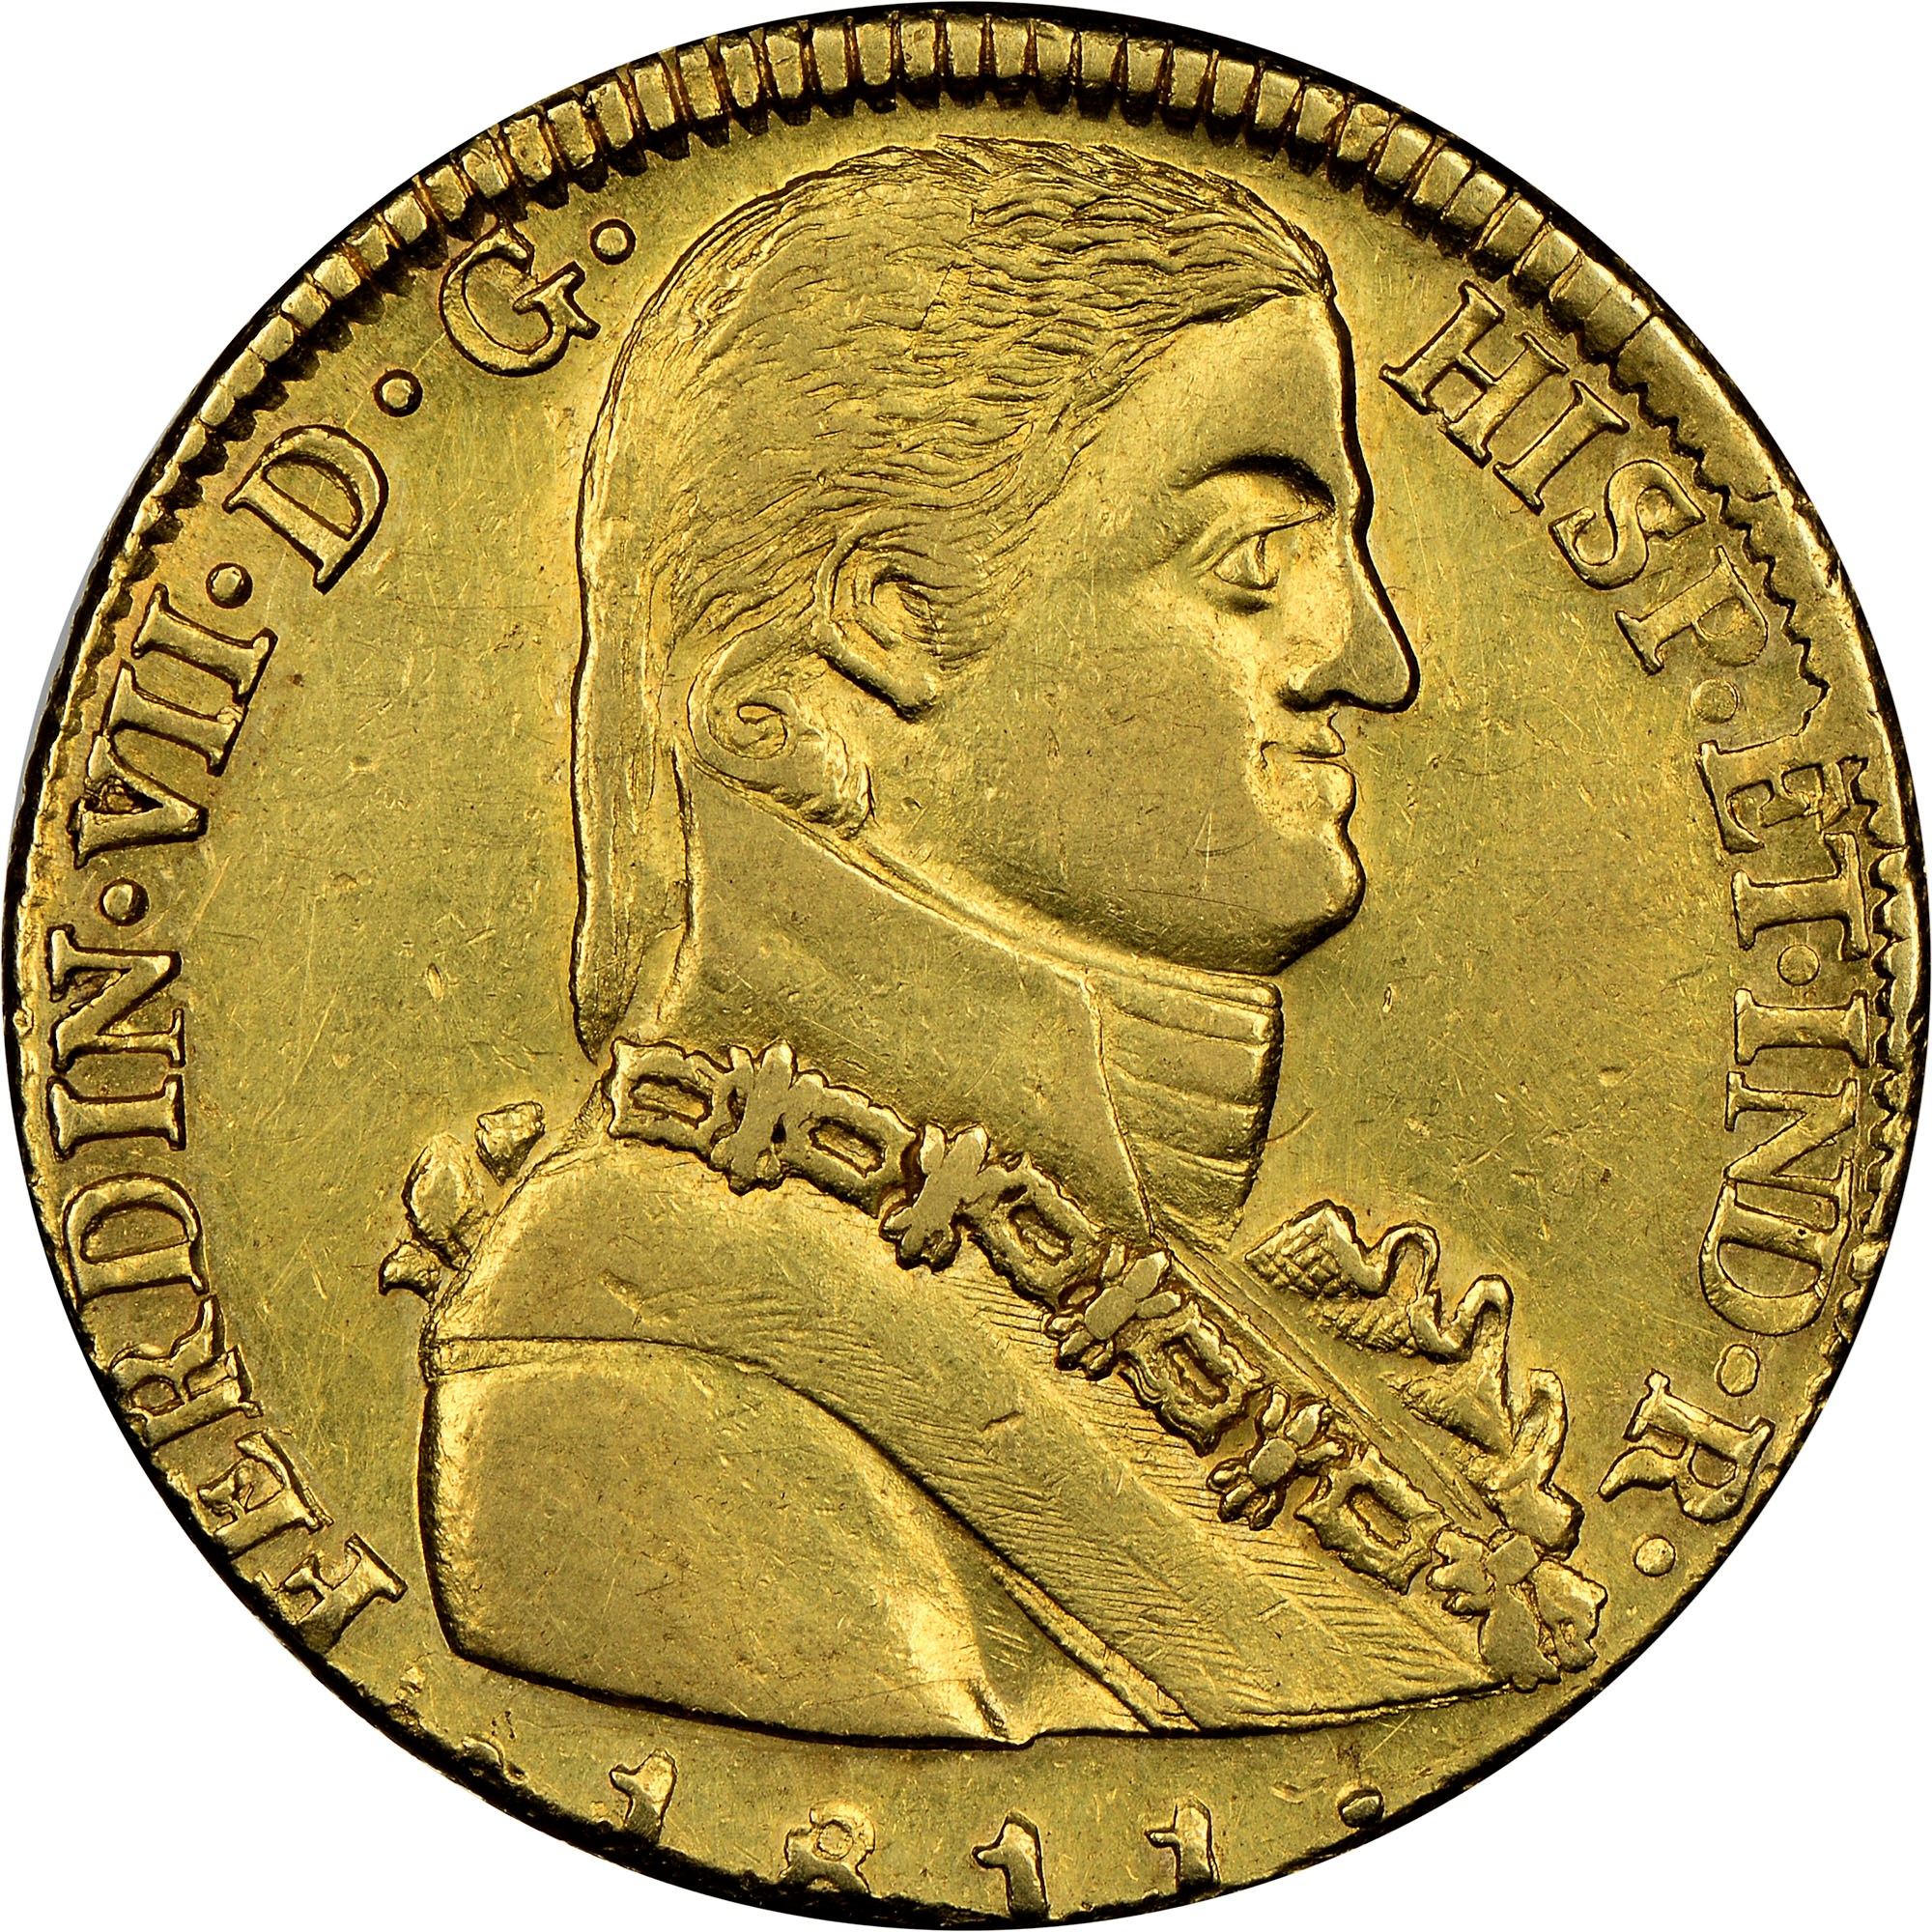 Chile 8 Escudos obverse